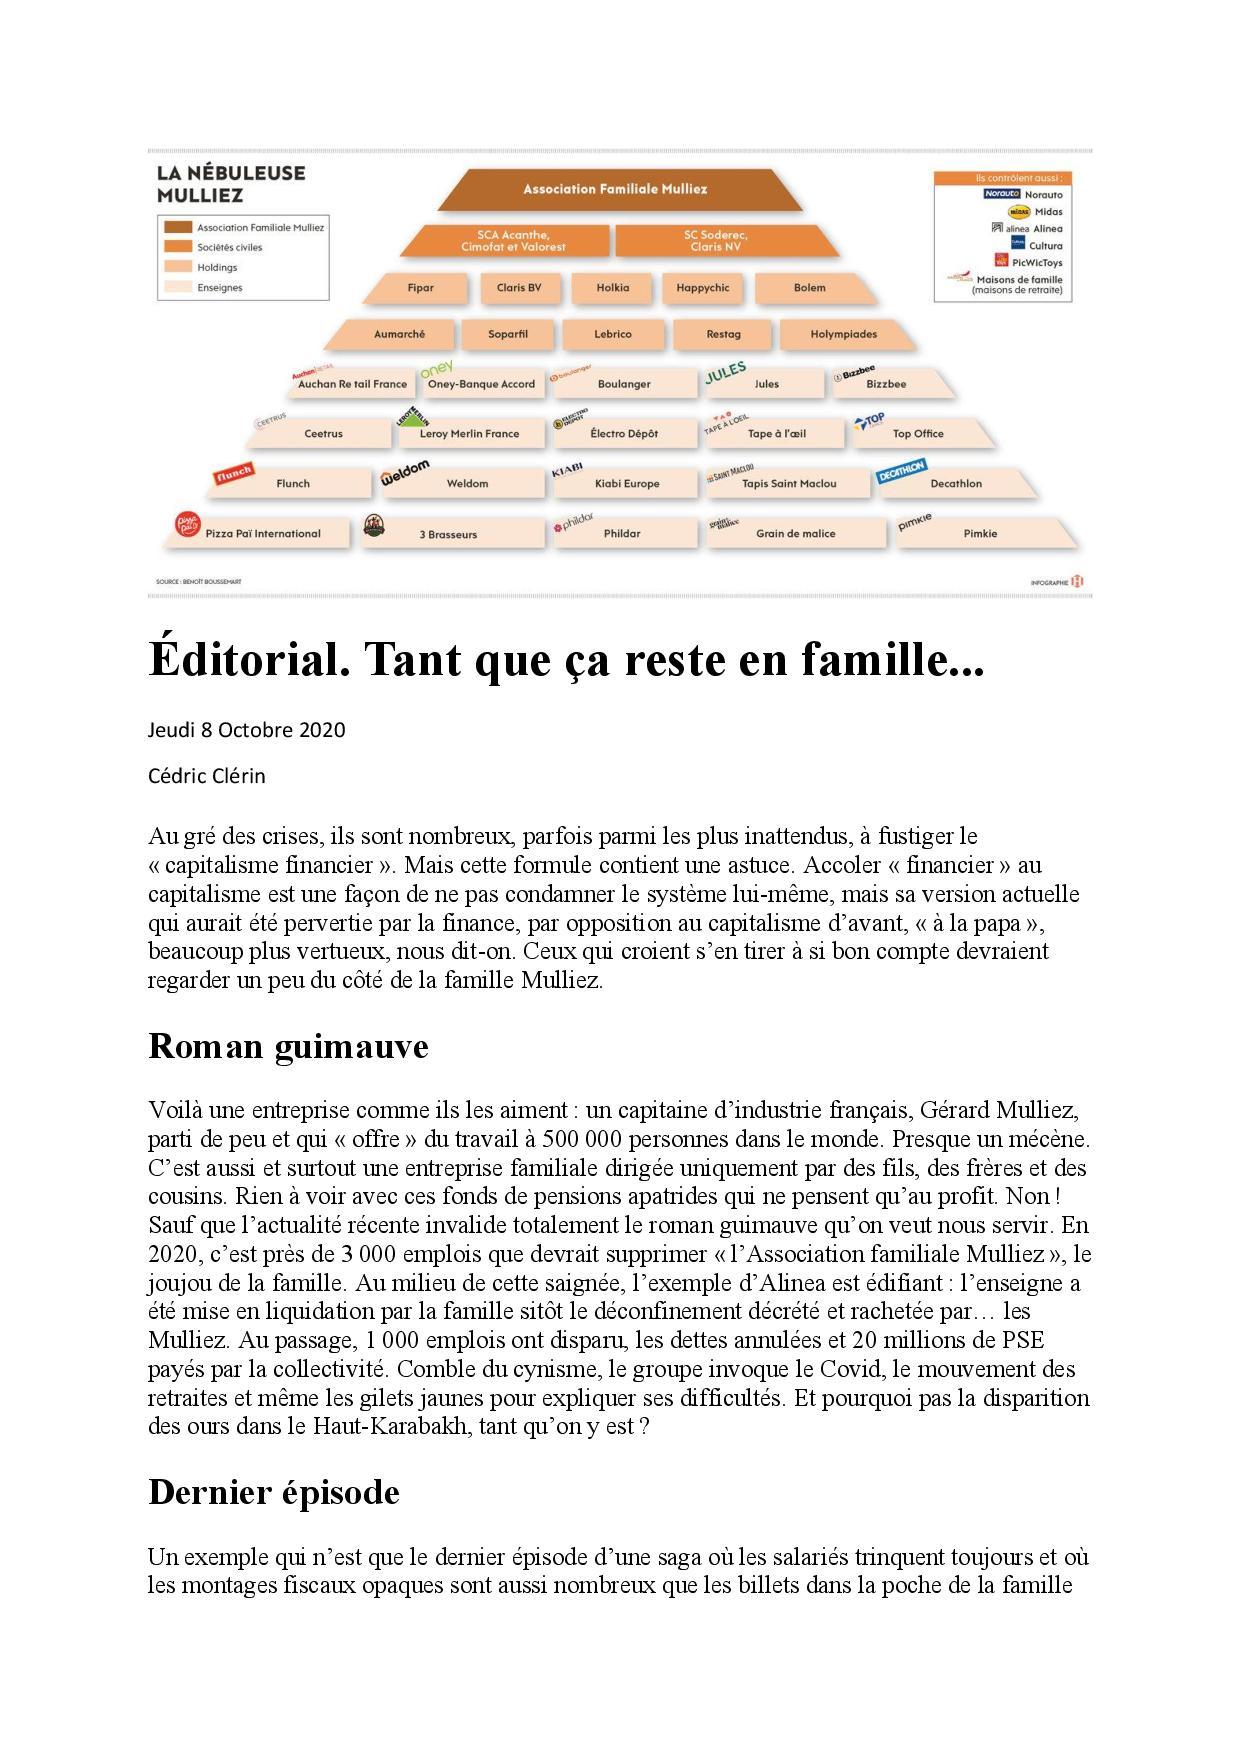 MULLIEZ_une_affaire_de_famille-page-001-1.jpg